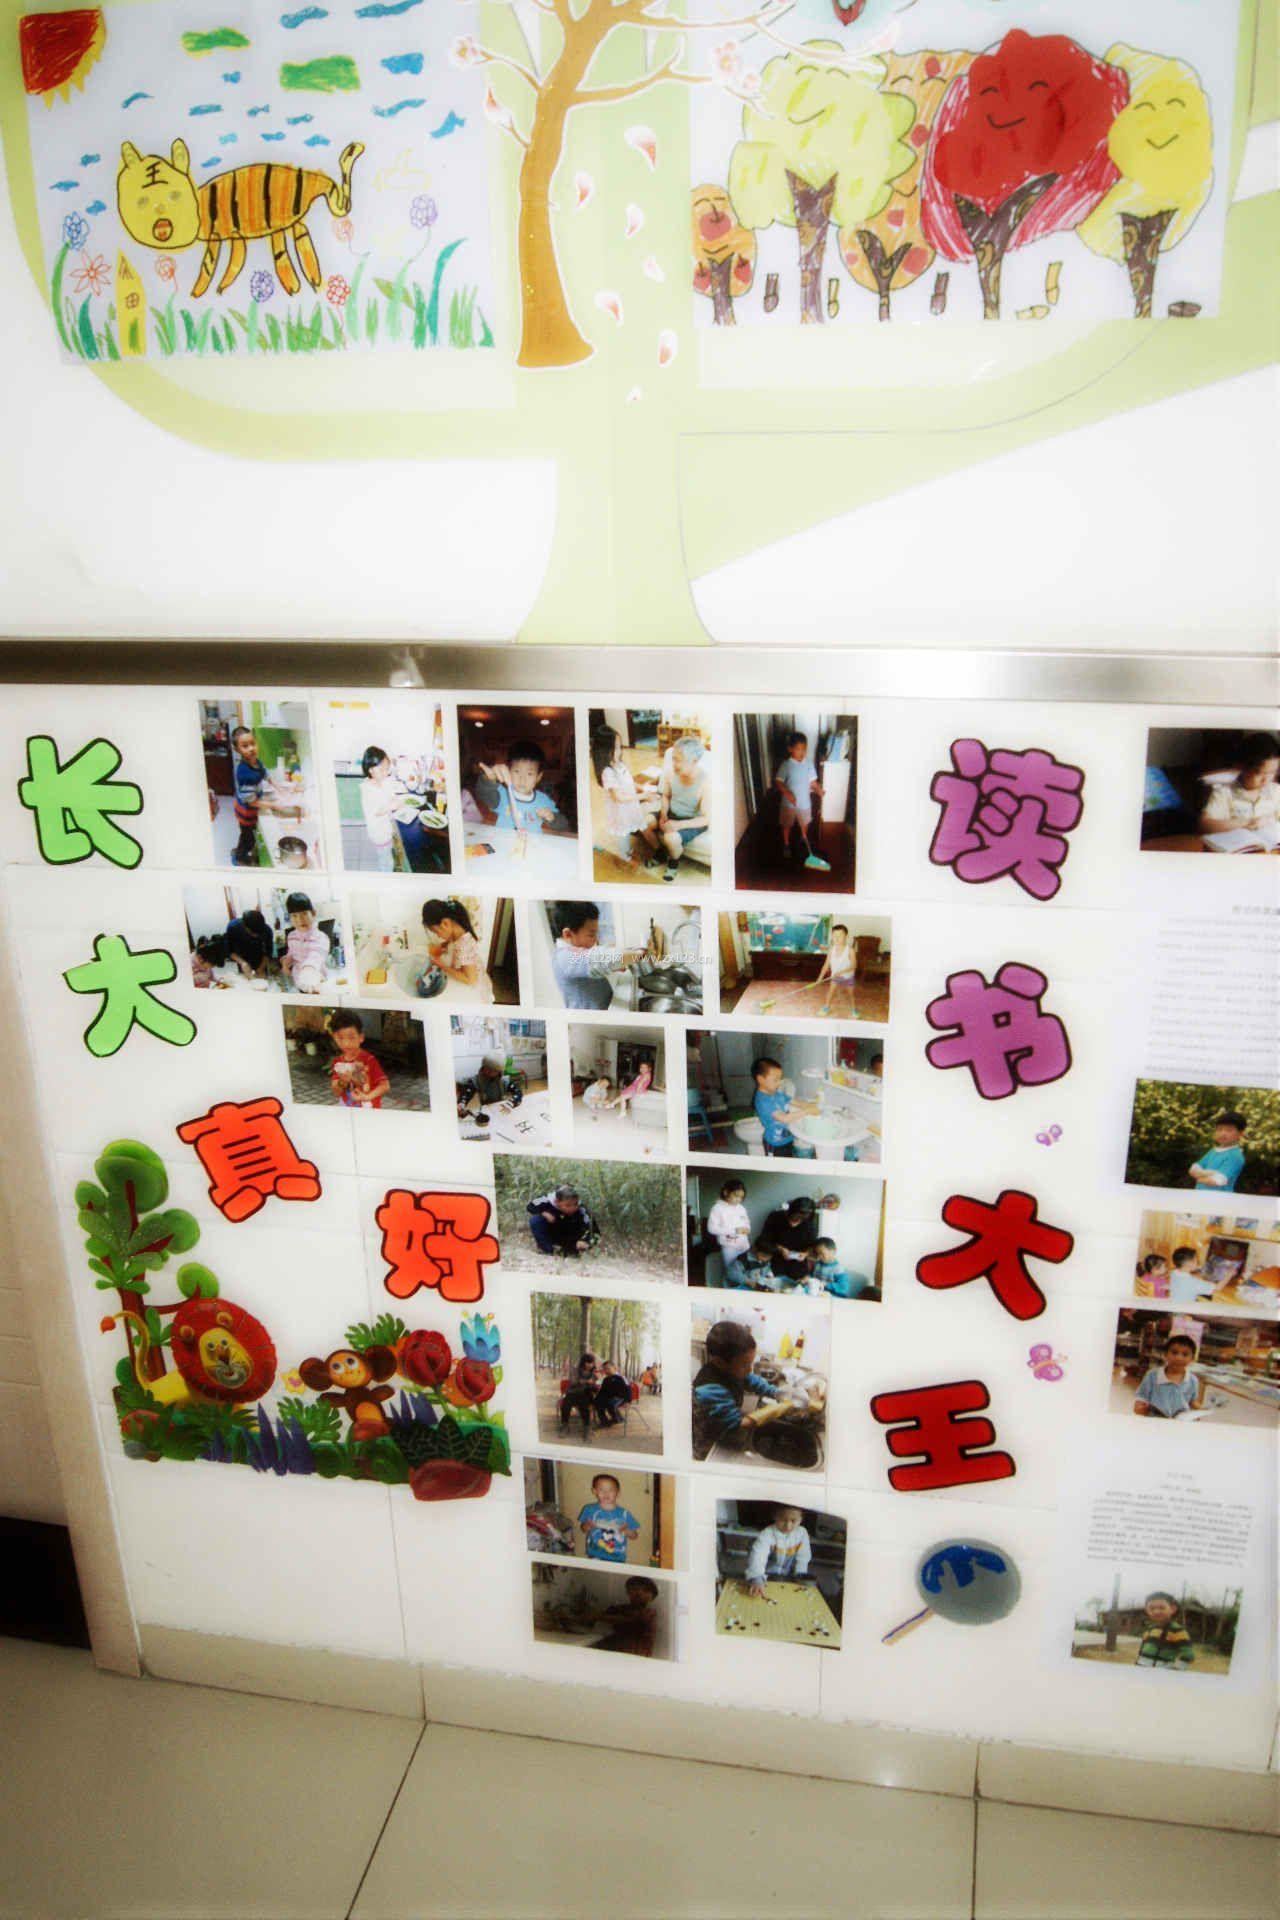 小学生教室文化墙布置图片大全